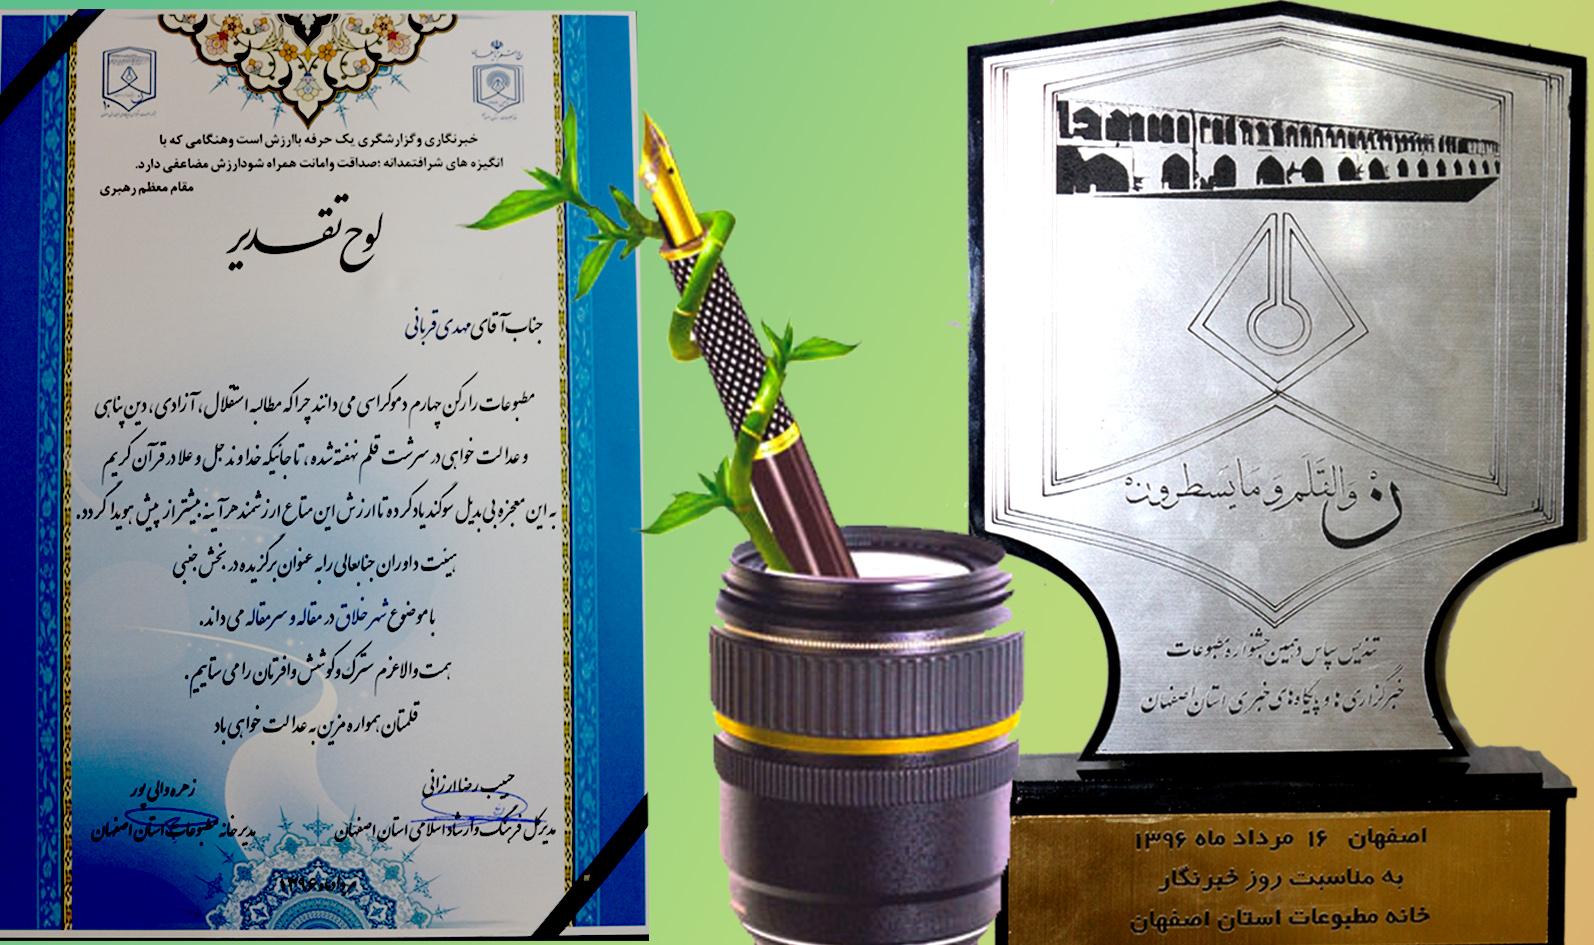 کسب مقام برگزیده در دهمین جشنواره مطبوعات، خبرگزاری ها و پایگاه های خبری استان اصفهان